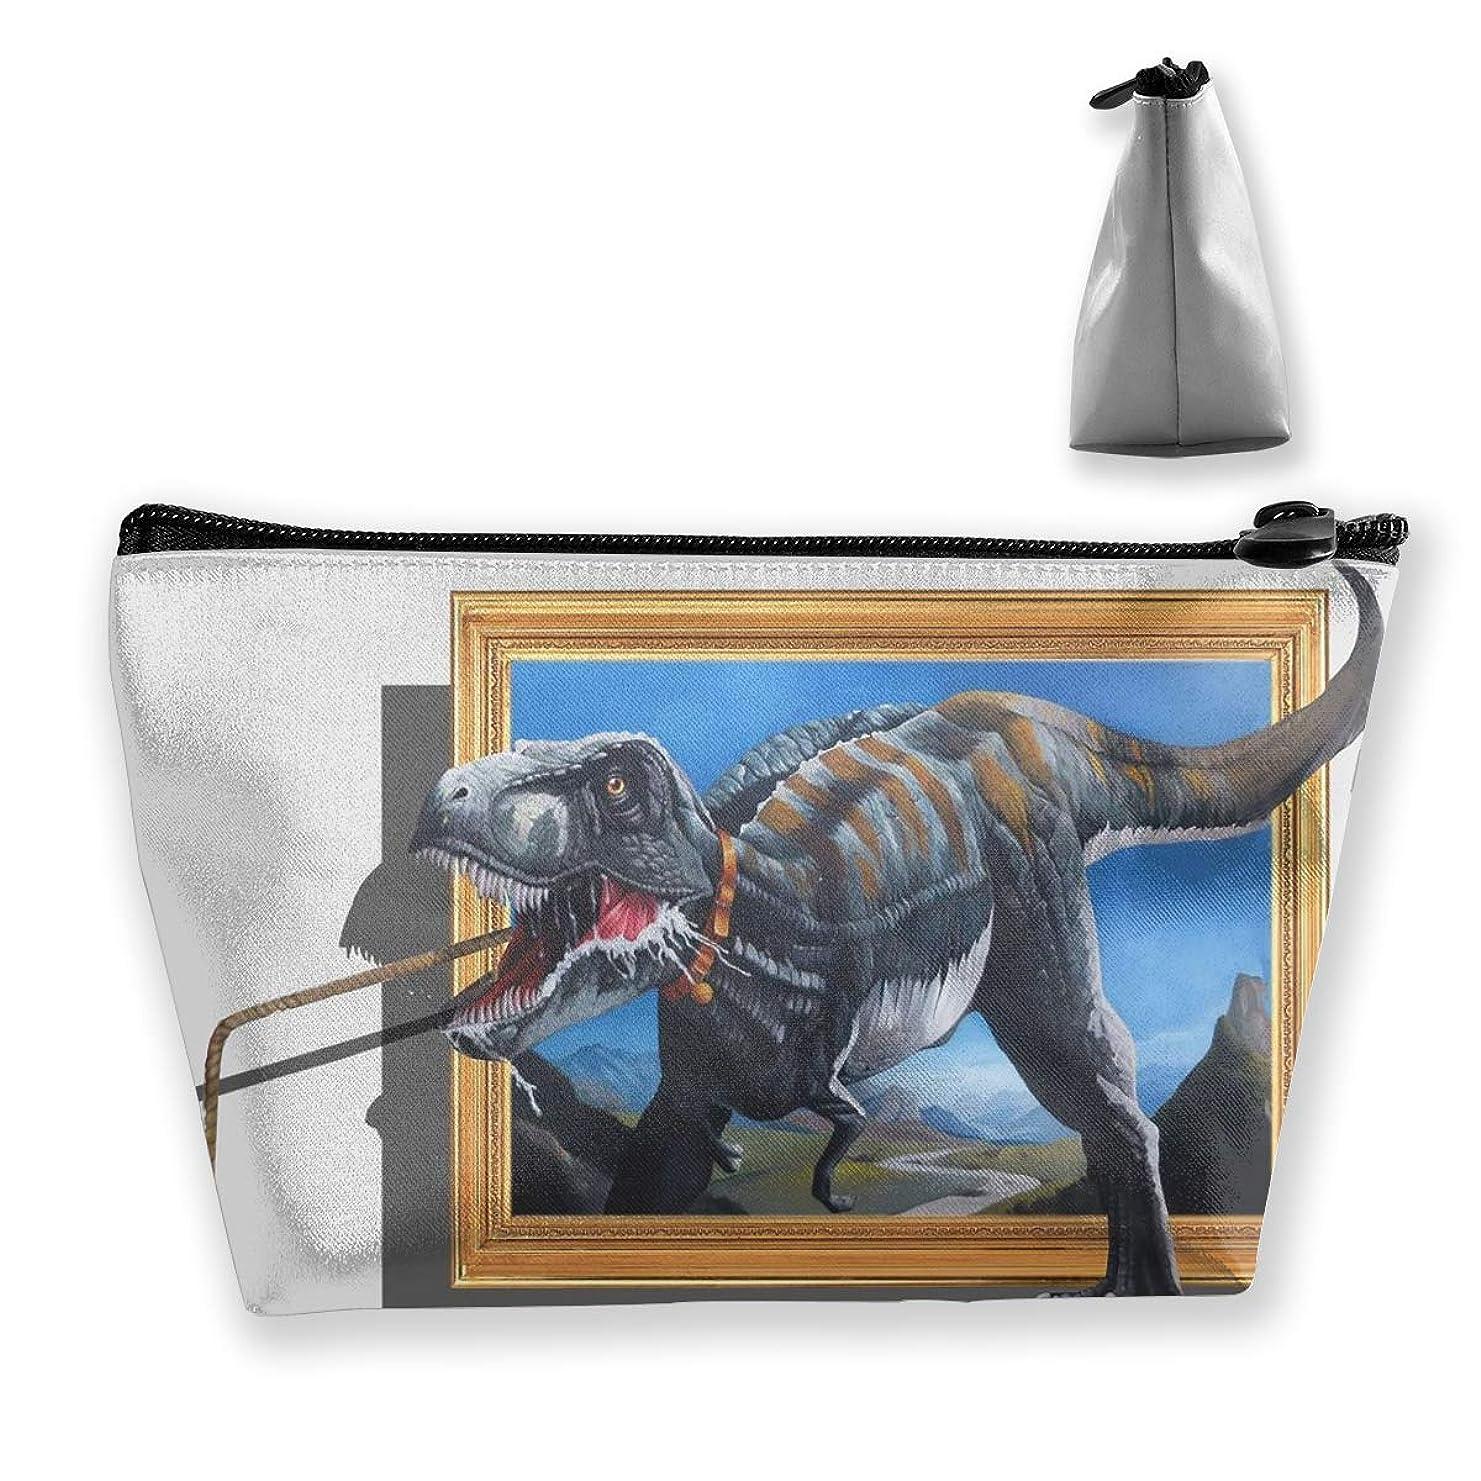 狩猟恐竜3D ペンケース文房具バッグ大容量ペンケース化粧品袋収納袋男の子と女の子多機能浴室シャワーバッグ旅行ポータブルストレージバッグ